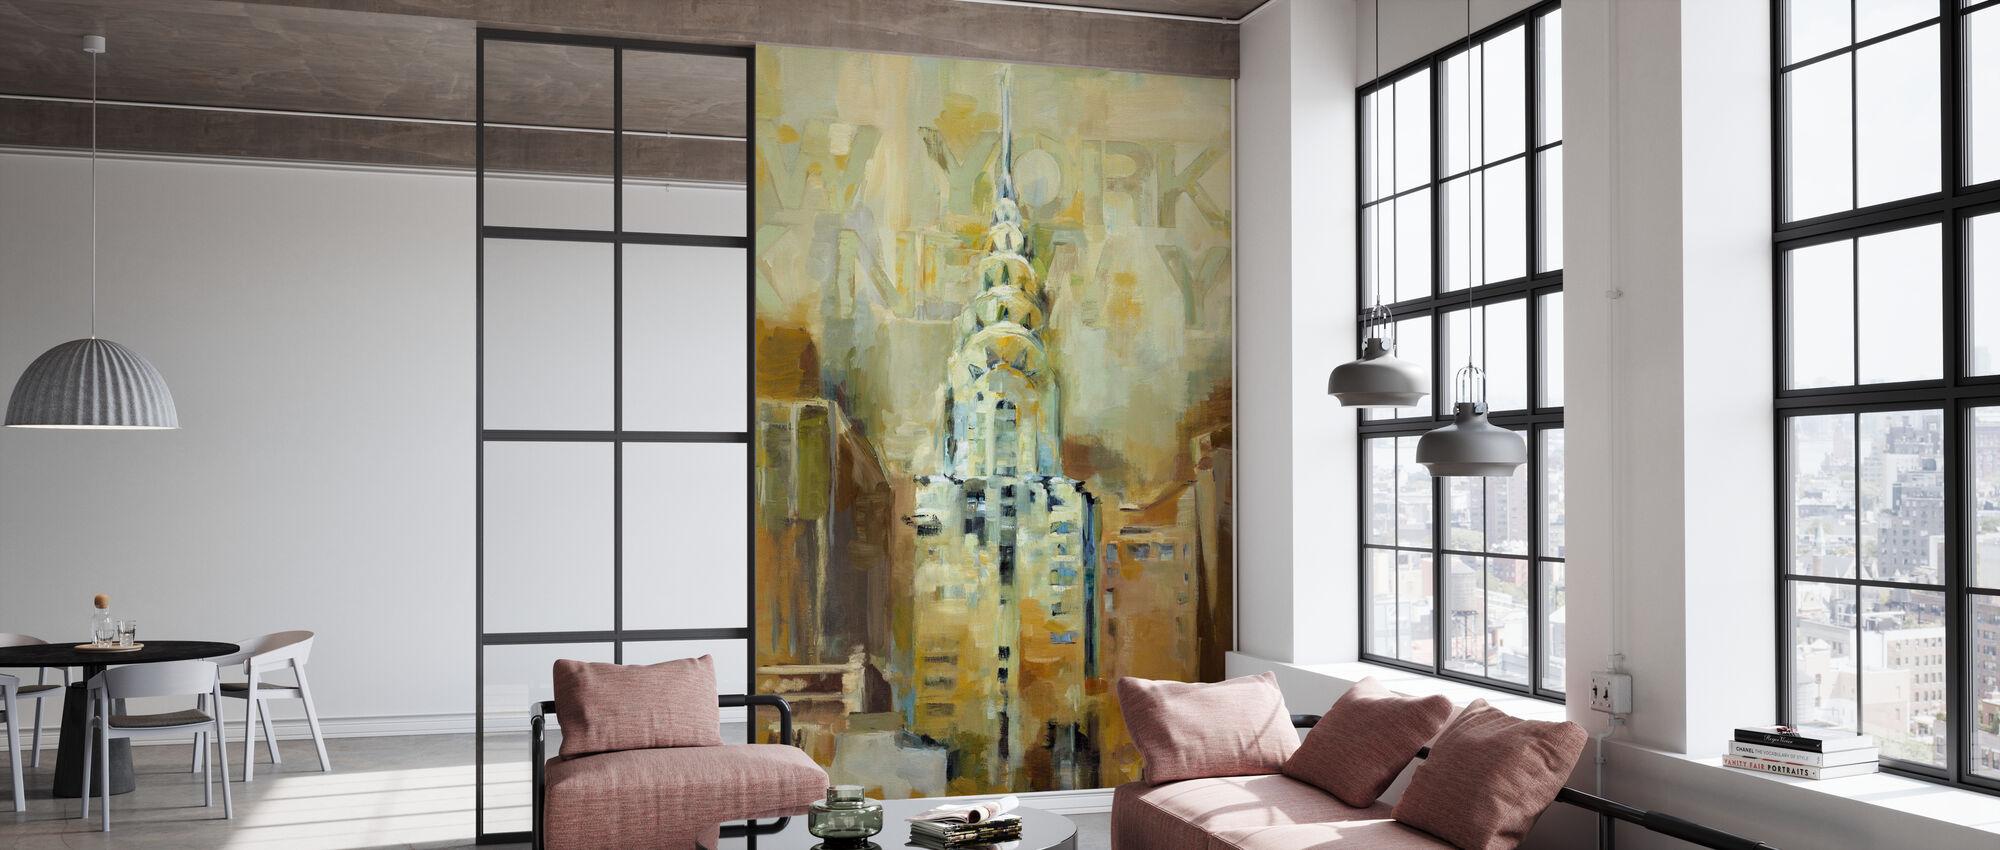 The Chrysler Building - Wallpaper - Office